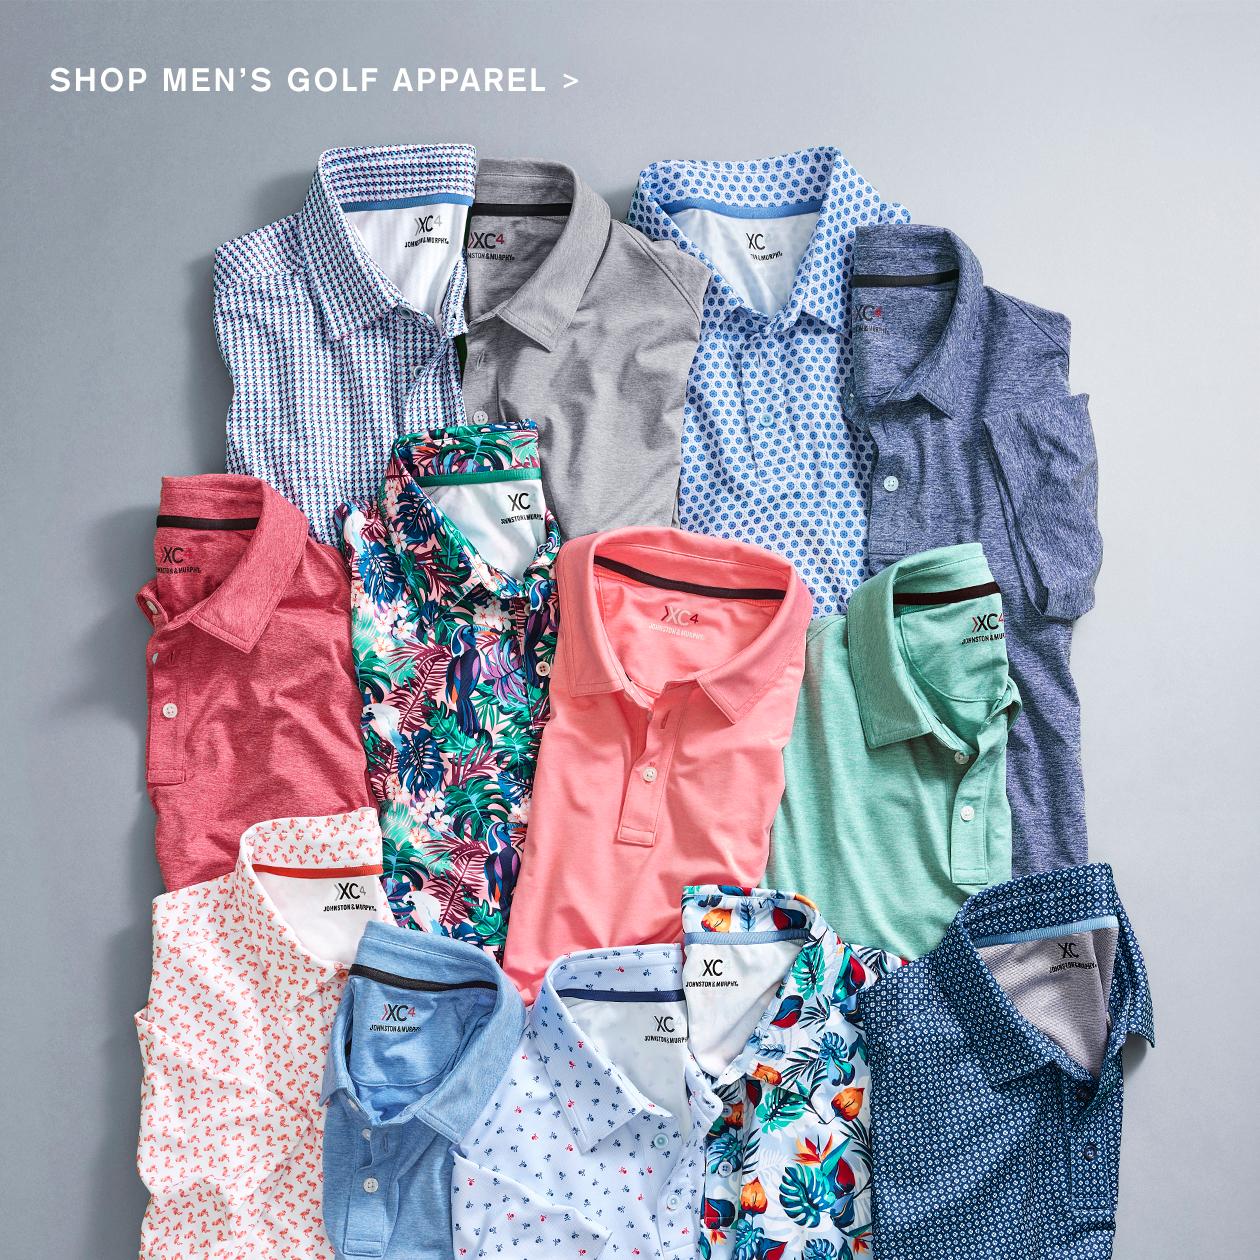 Shop Men's Golf Apparel